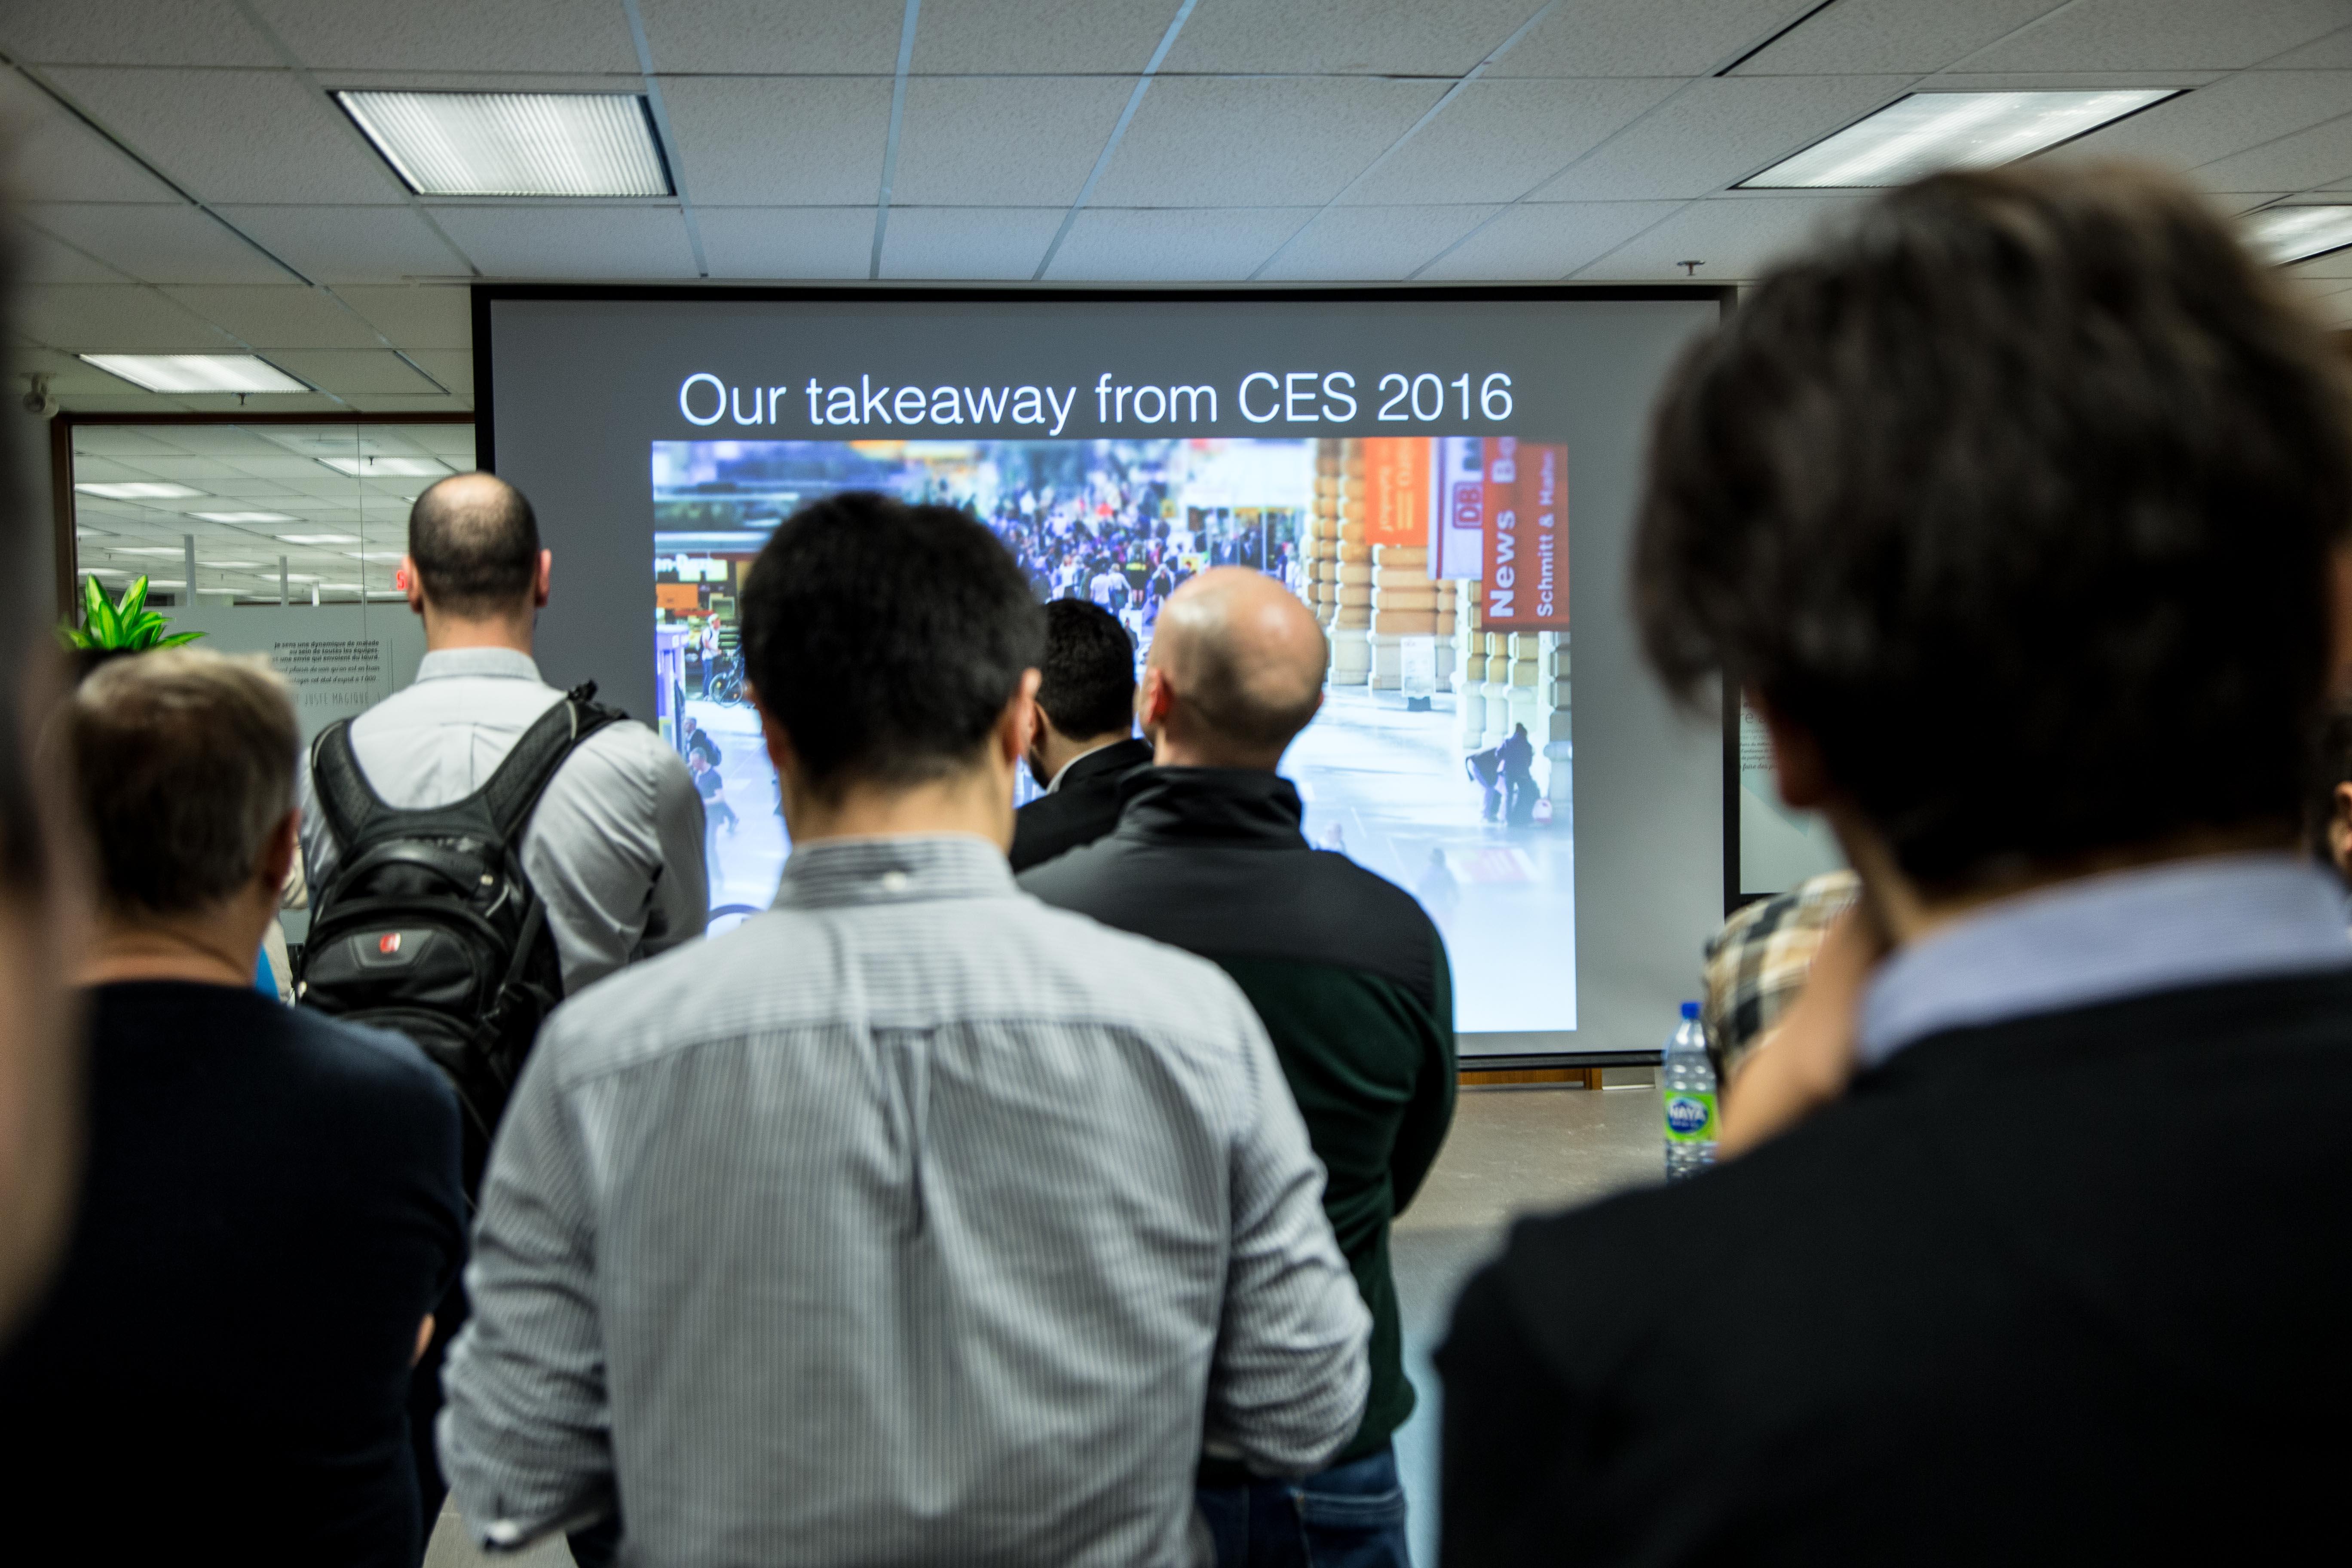 Après un compte-rendu complet du CES, plusieurs entrepreneurs se sont succédés sur scène pour présenter leur projet.